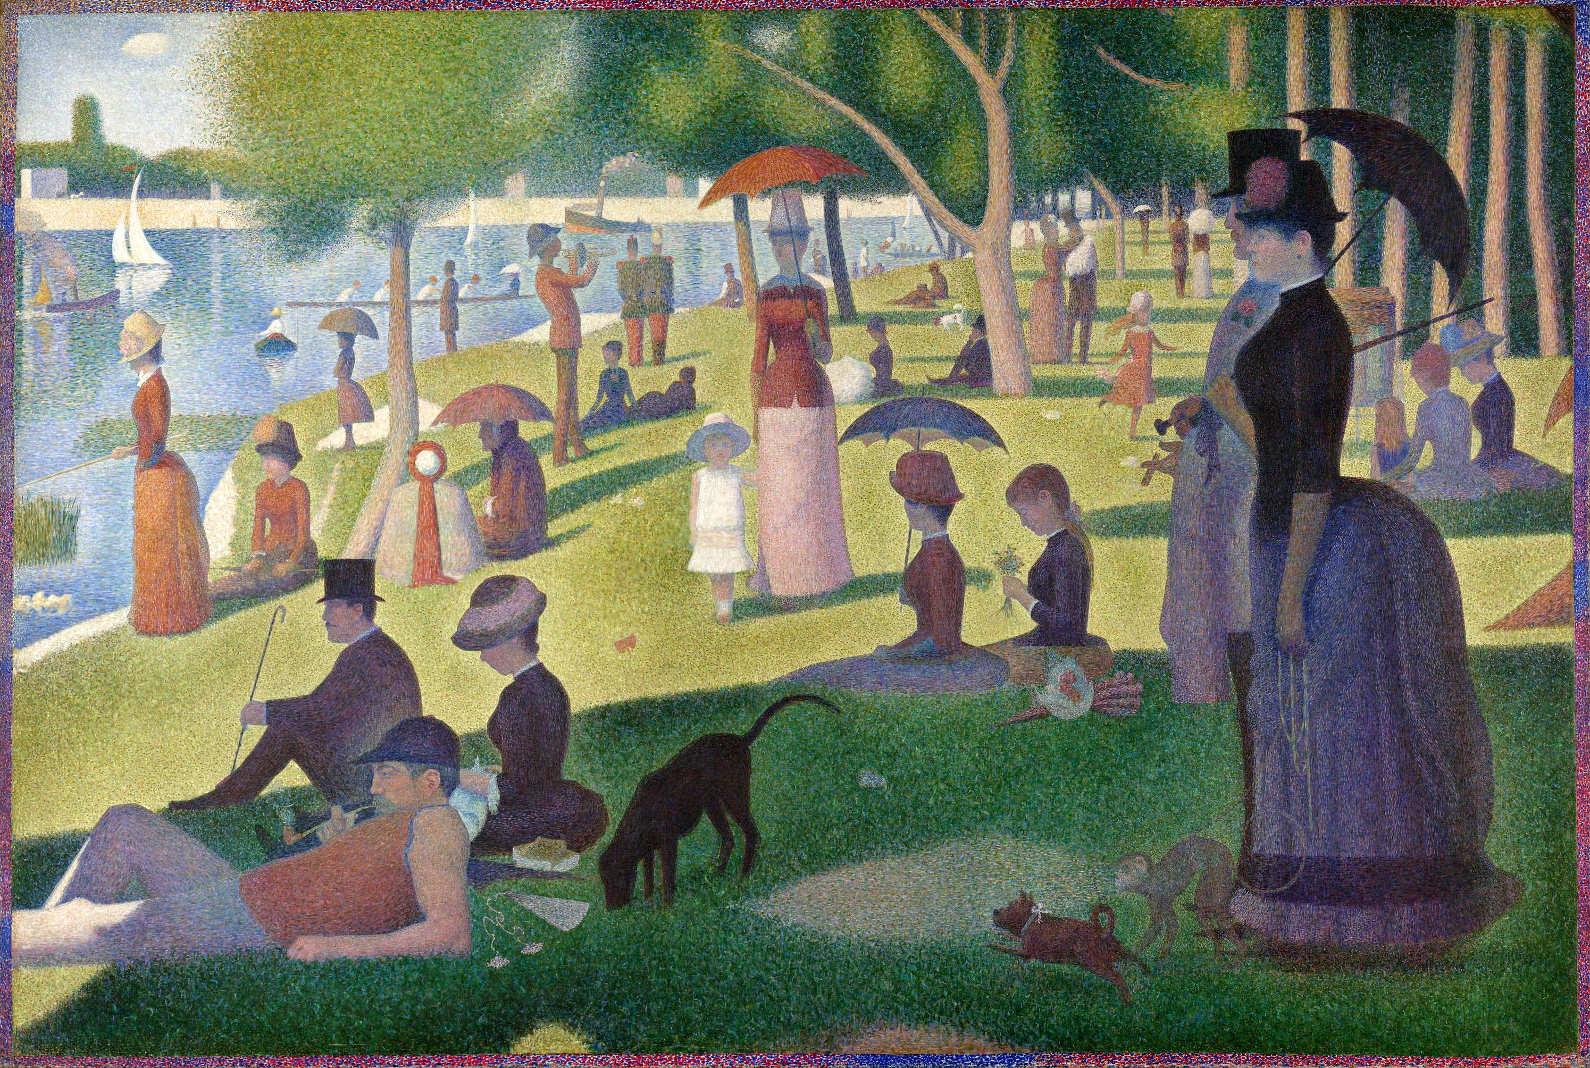 Georges Seurat, Un dimarche à la Île de la Grande Jatte (Ein Sonntagnachmittag auf der Île de la Grande Jatte), 1884–1886, Öl auf Leinwand, 205,7 x 305,8 cm (The Art Institute of Chicago, Helen Birch Bartlett Collection)